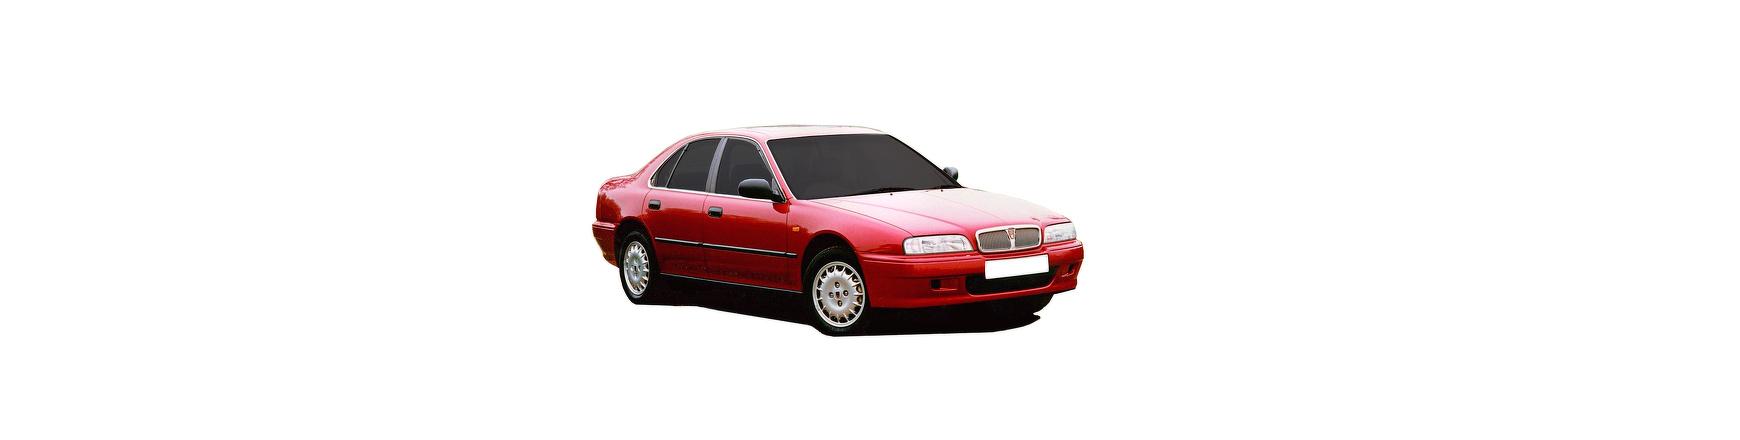 rover 600 1995 1996 1997 1998 1999 2000